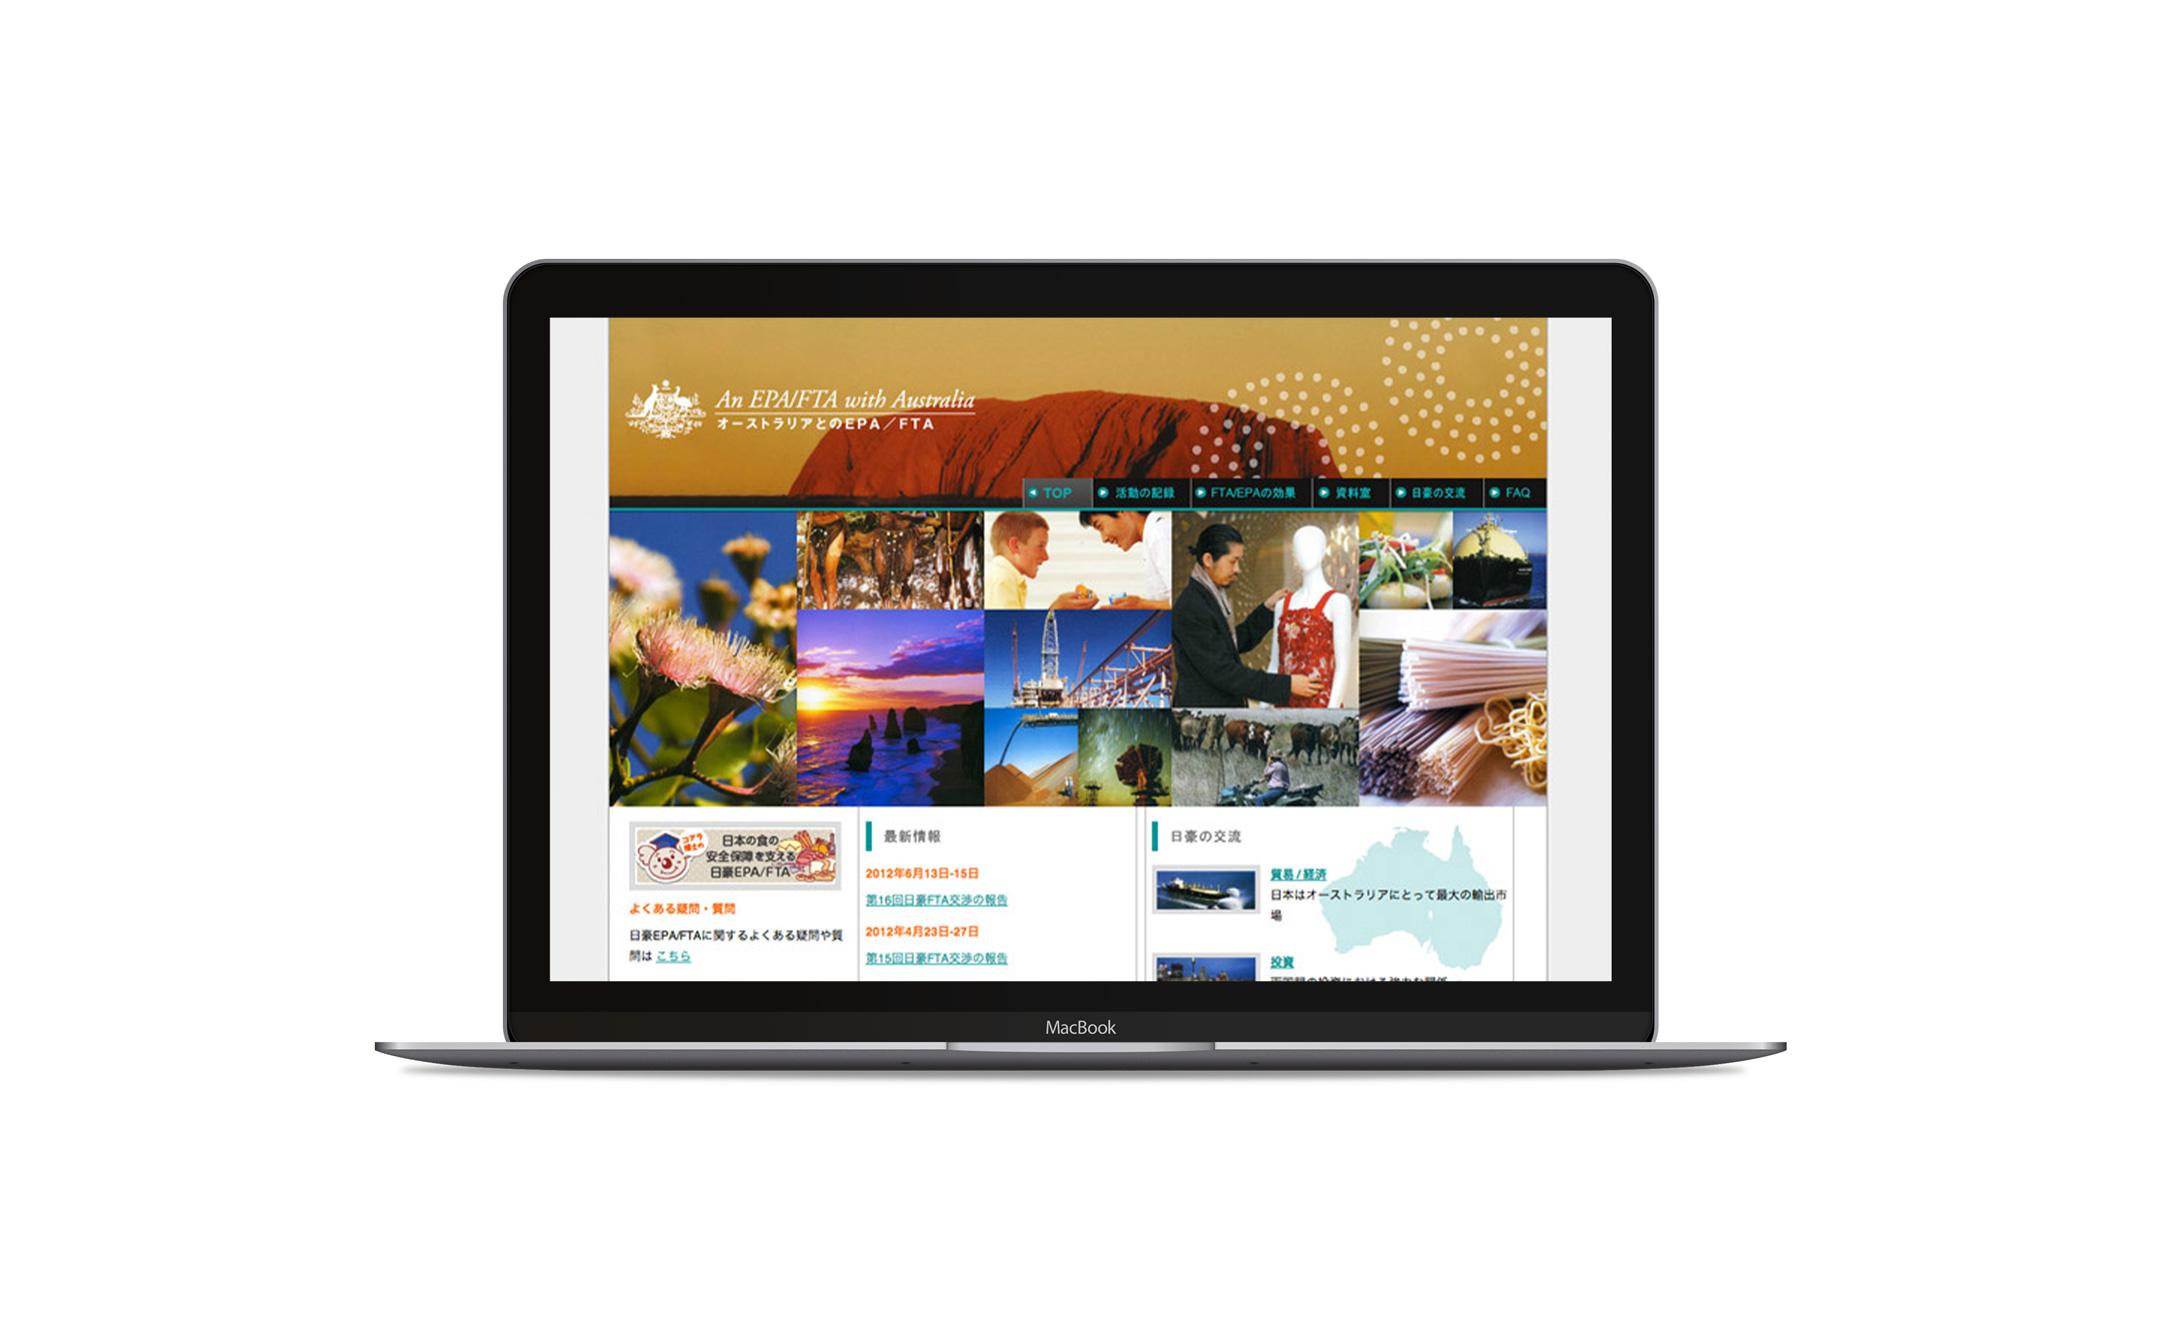 オーストラリア大使館 WEBサイトデザイン